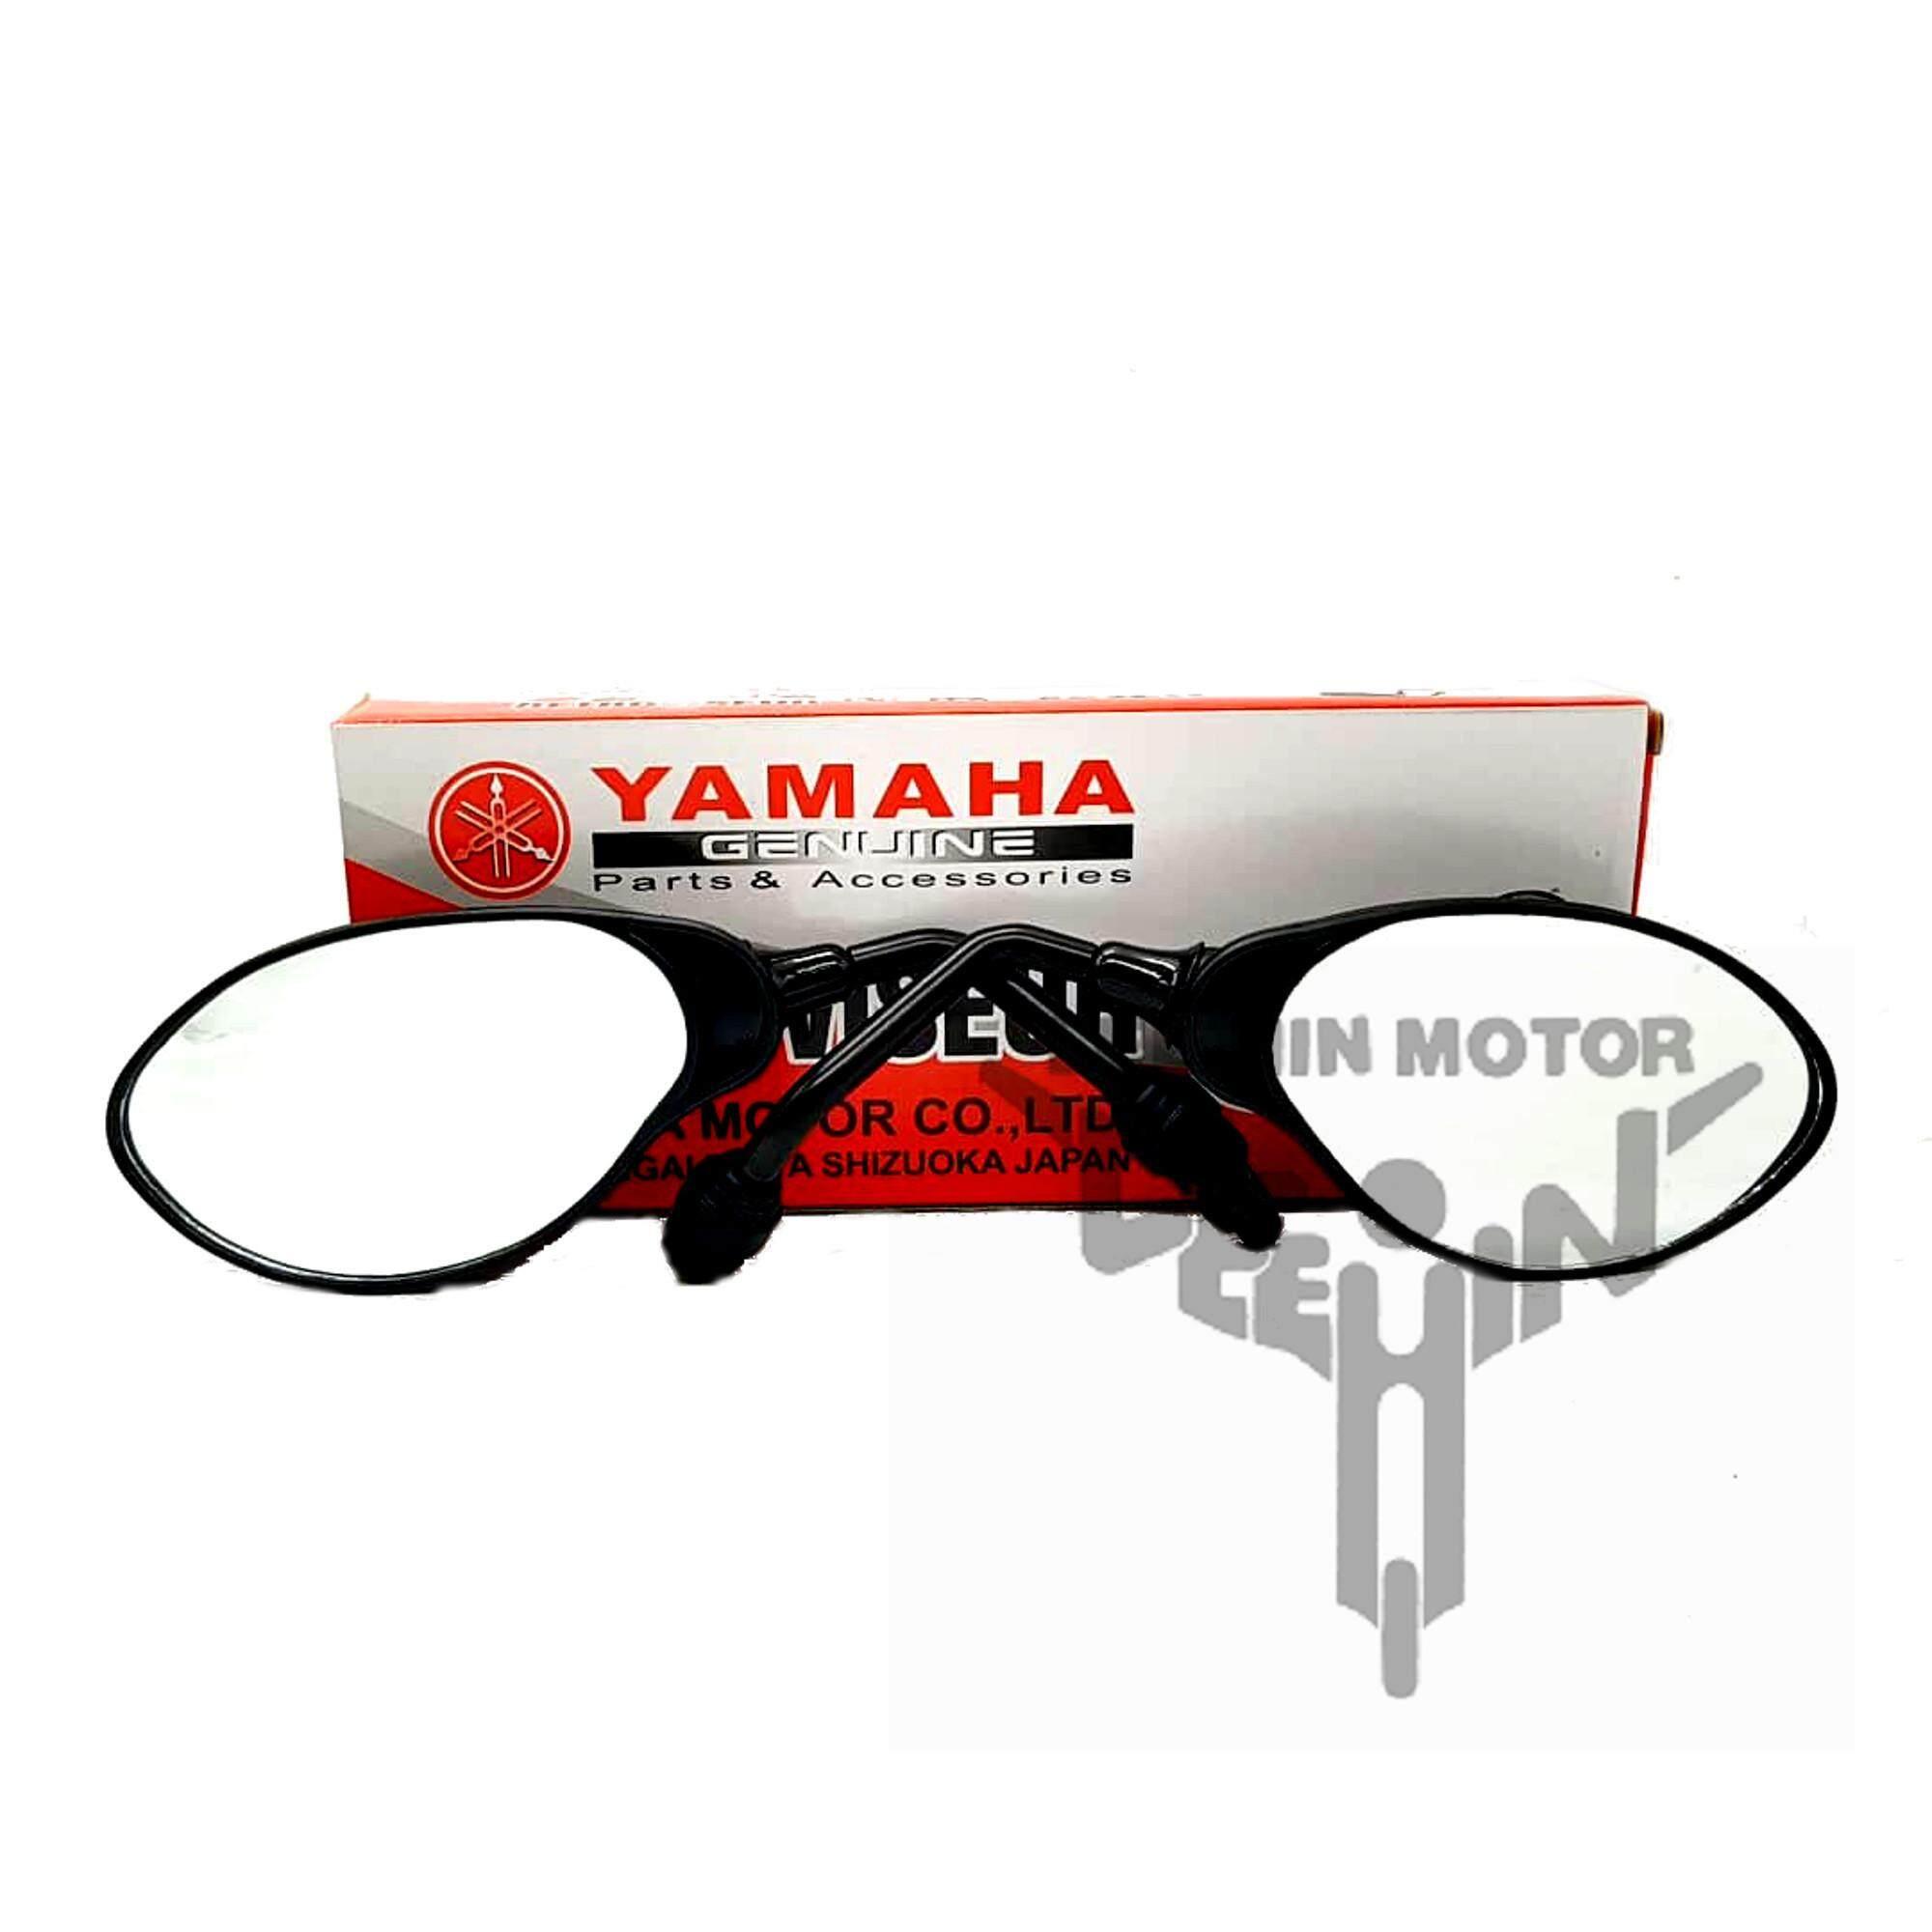 Yamaha 125zr Model Side Mirror ( 135LC , Y15ZR , Lagenda ... )